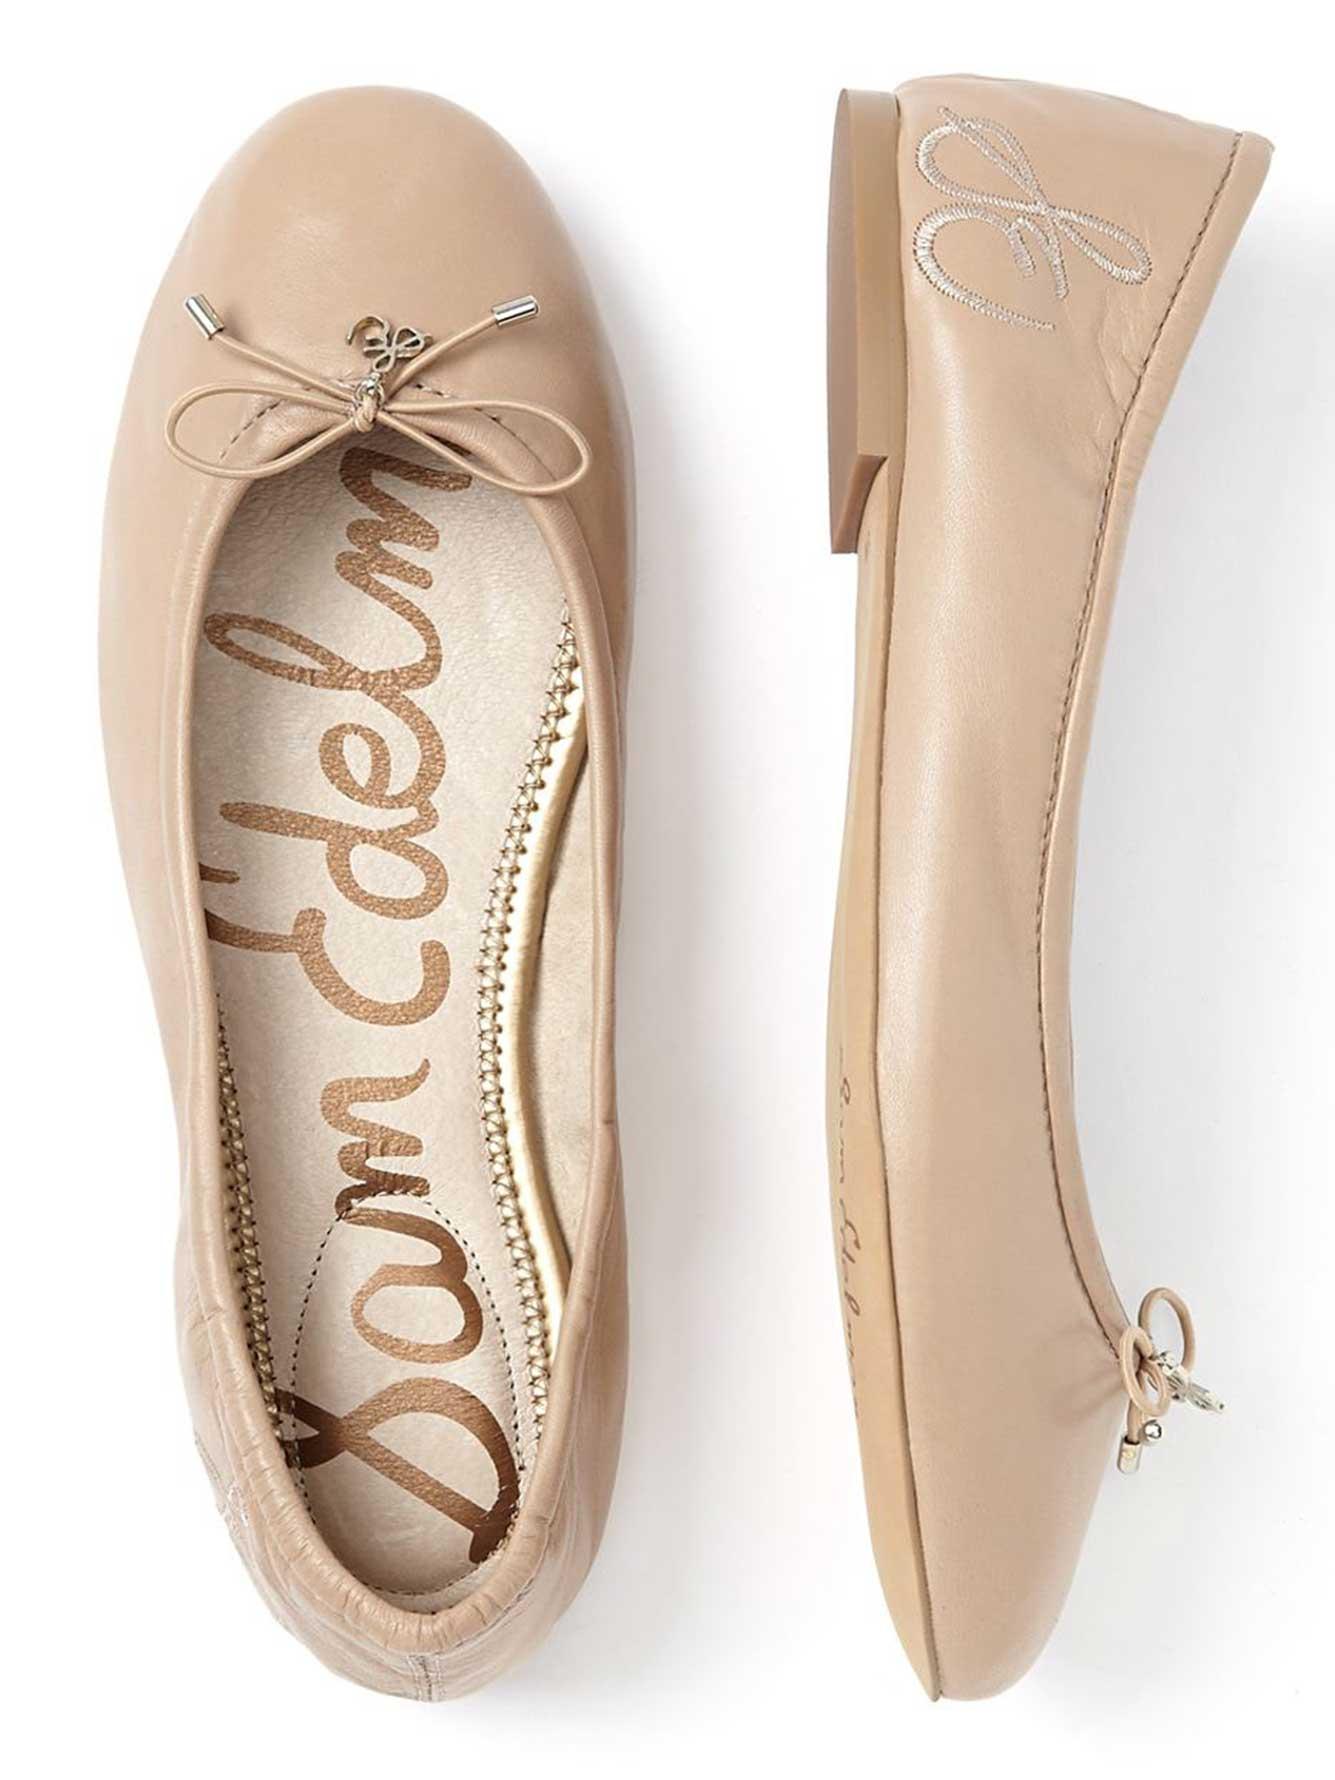 68025aa80 Sam Edelman Felicia Ballerina Shoe